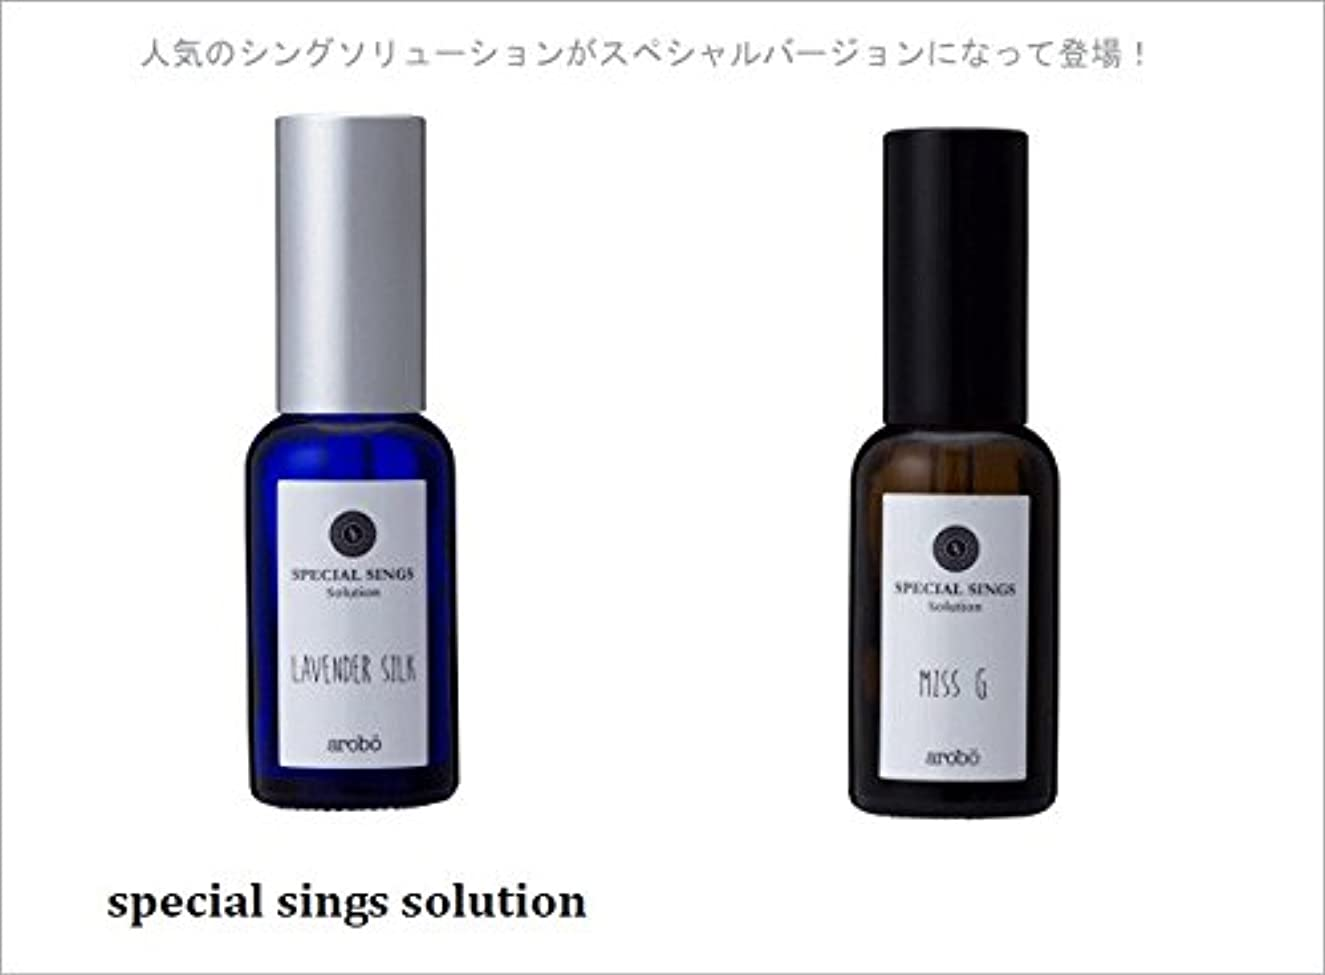 ピーブカウンタ知人arobo(アロボ) 専用ソリューション CLV- 831 Lavender Silk